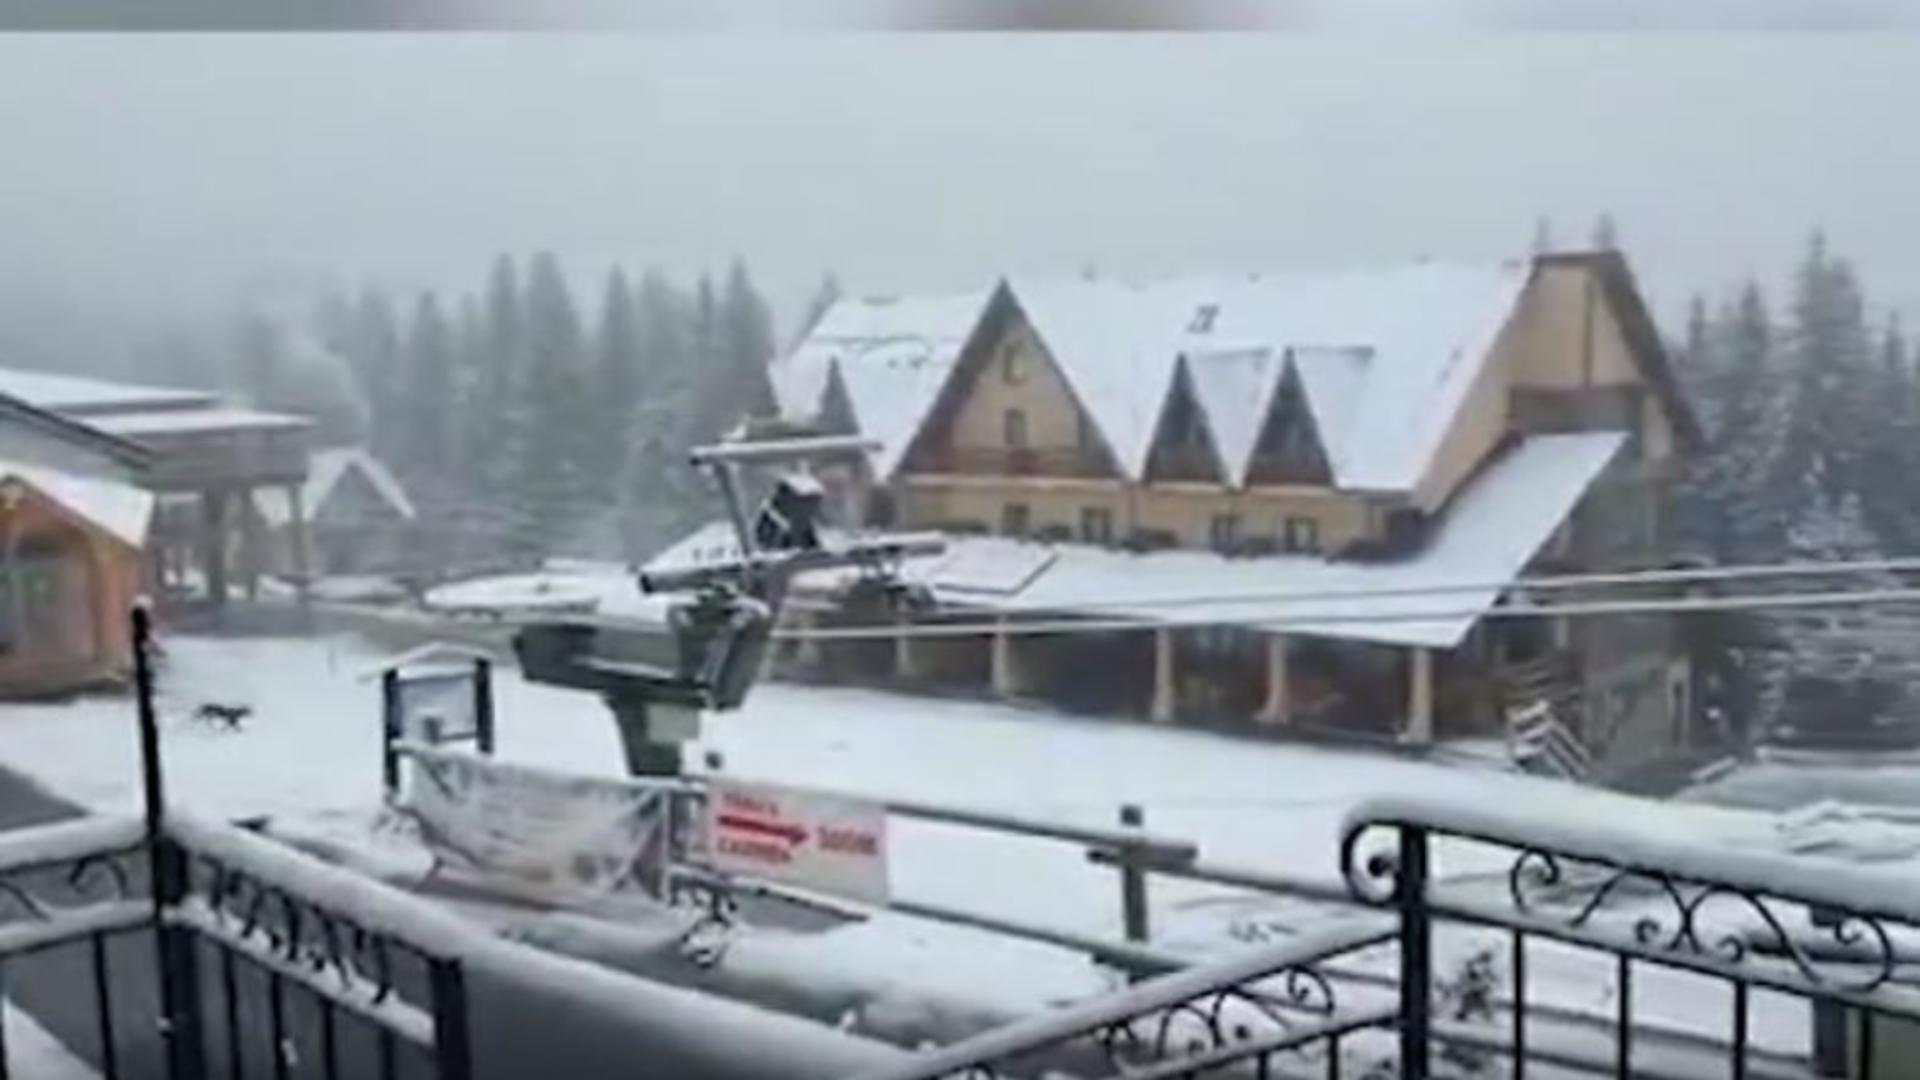 VIDEO | Temperaturi scăzute în întreaga țară. La munte zăpada s-a depus într-un strat consistent